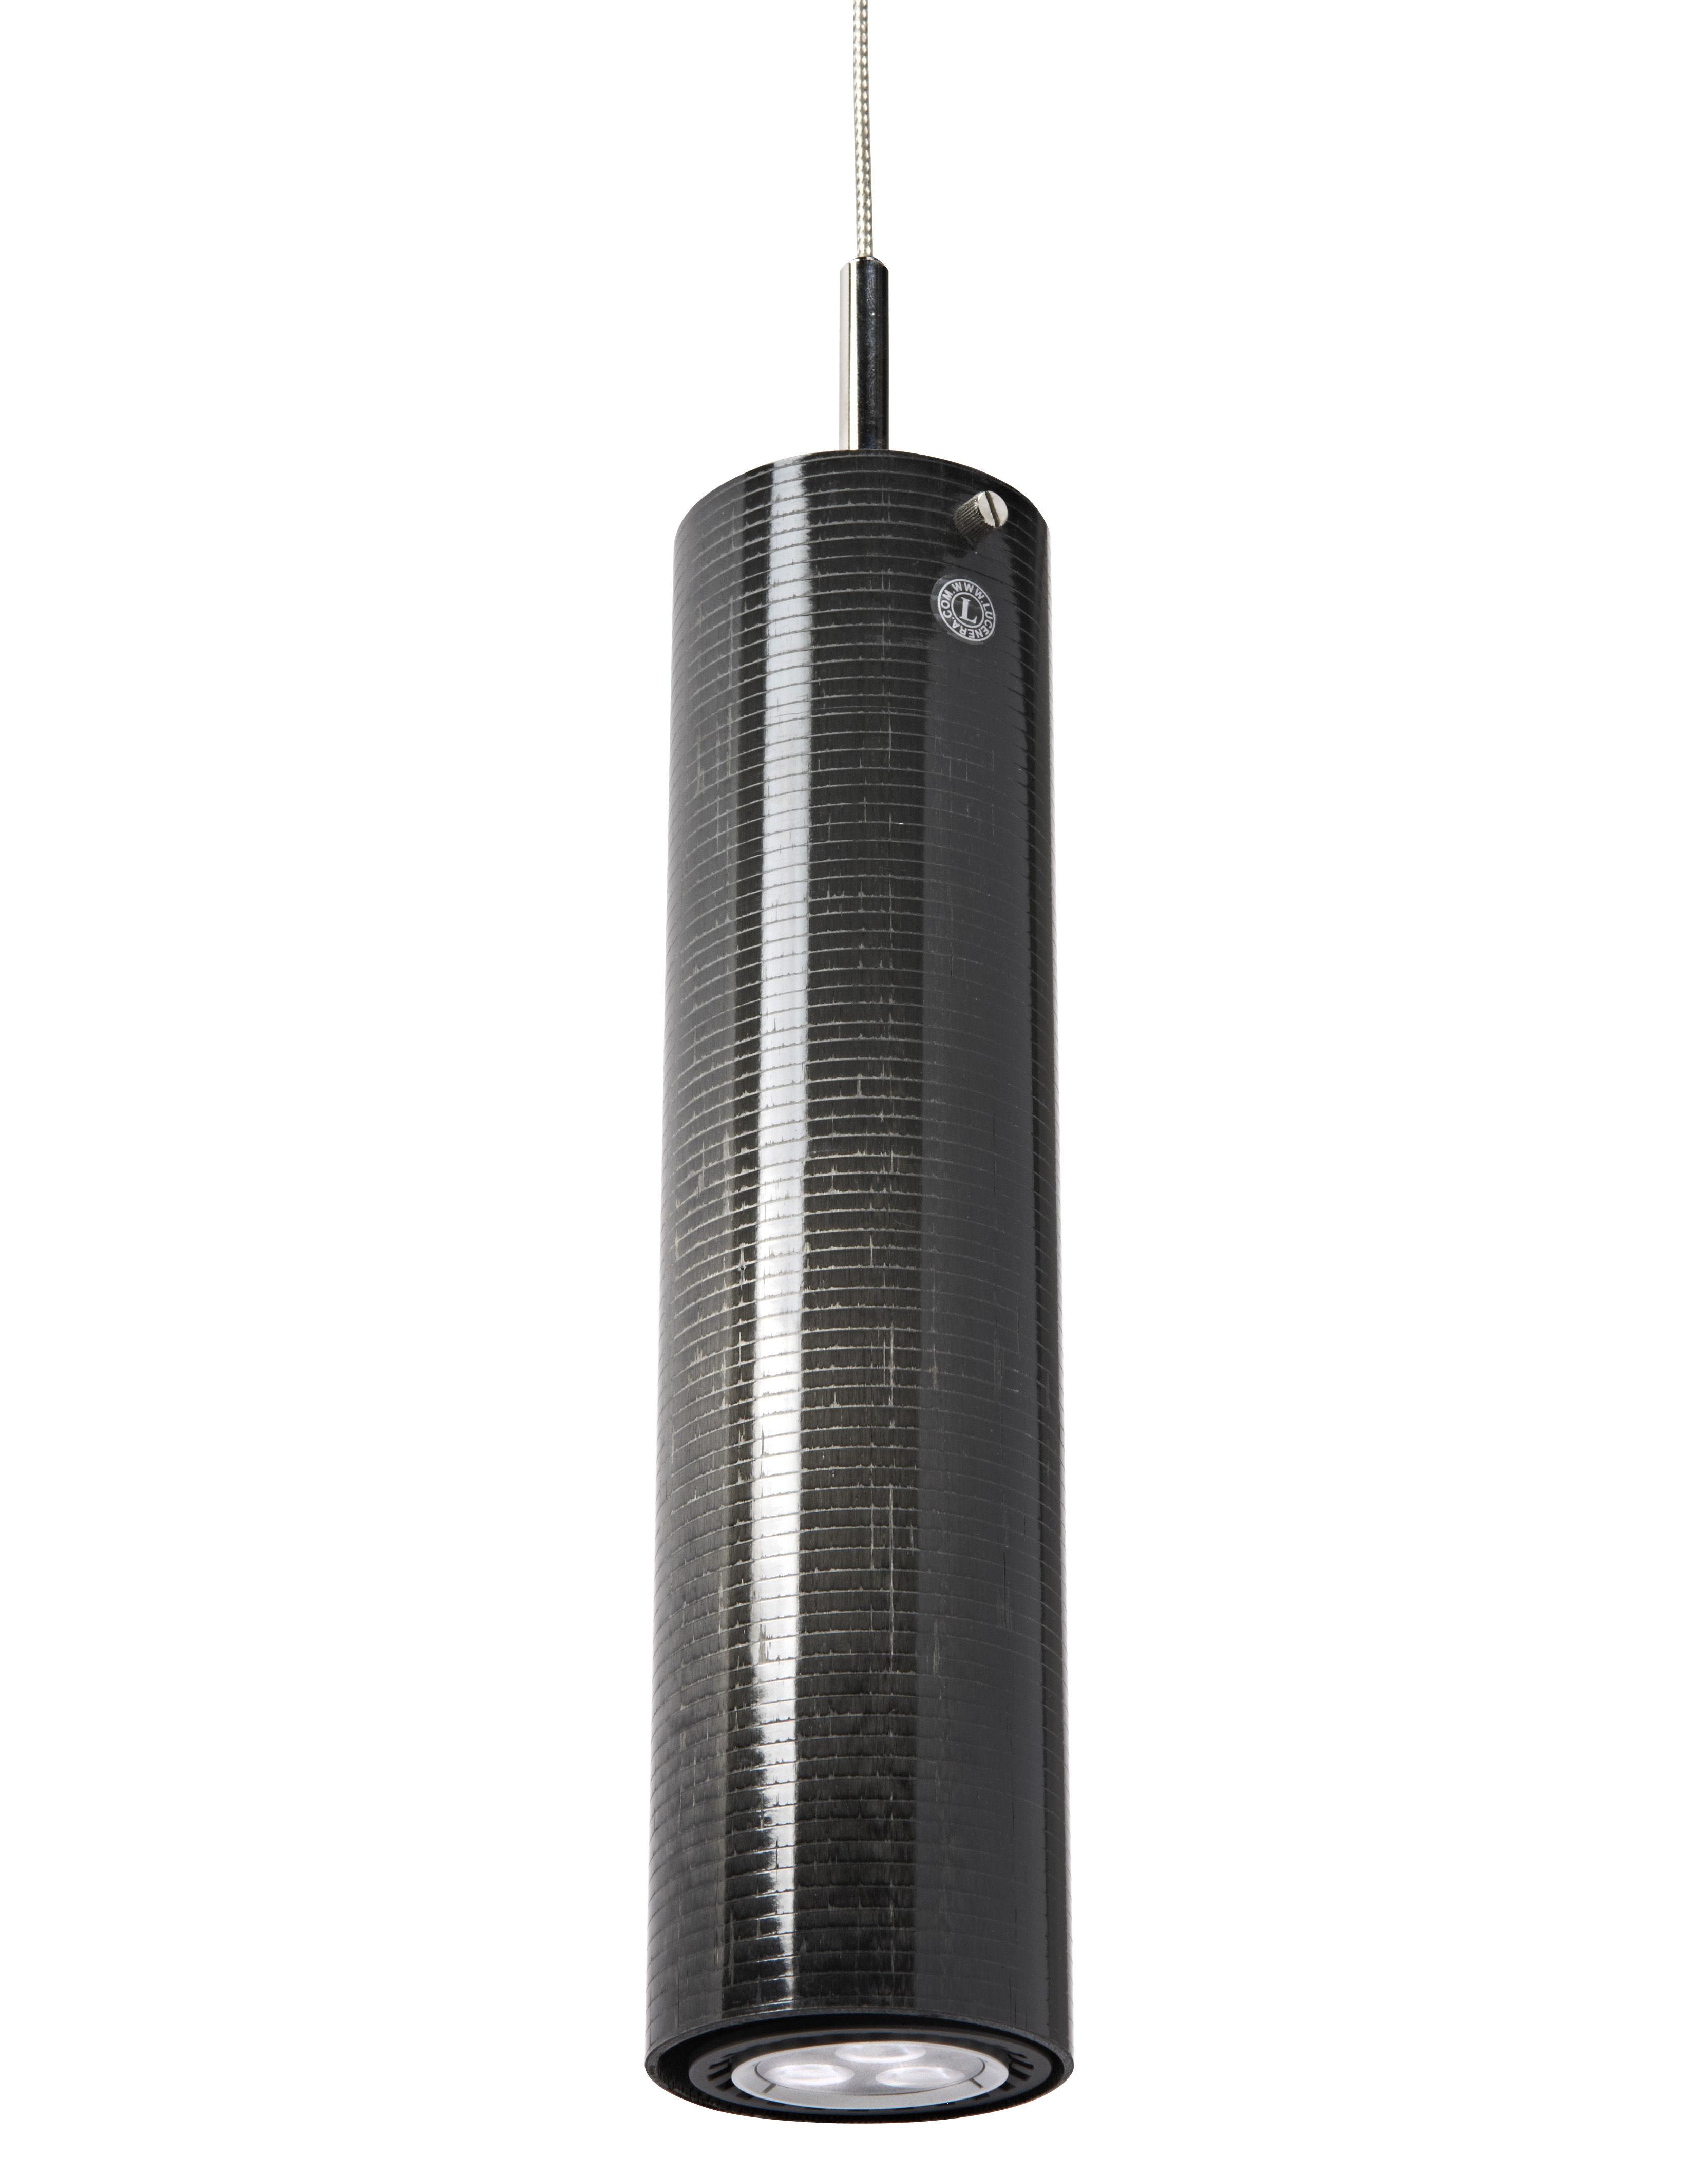 Luminaire - Suspensions - Suspension Lucenera 504i LED - Catellani & Smith - Noir - Fibre de carbone